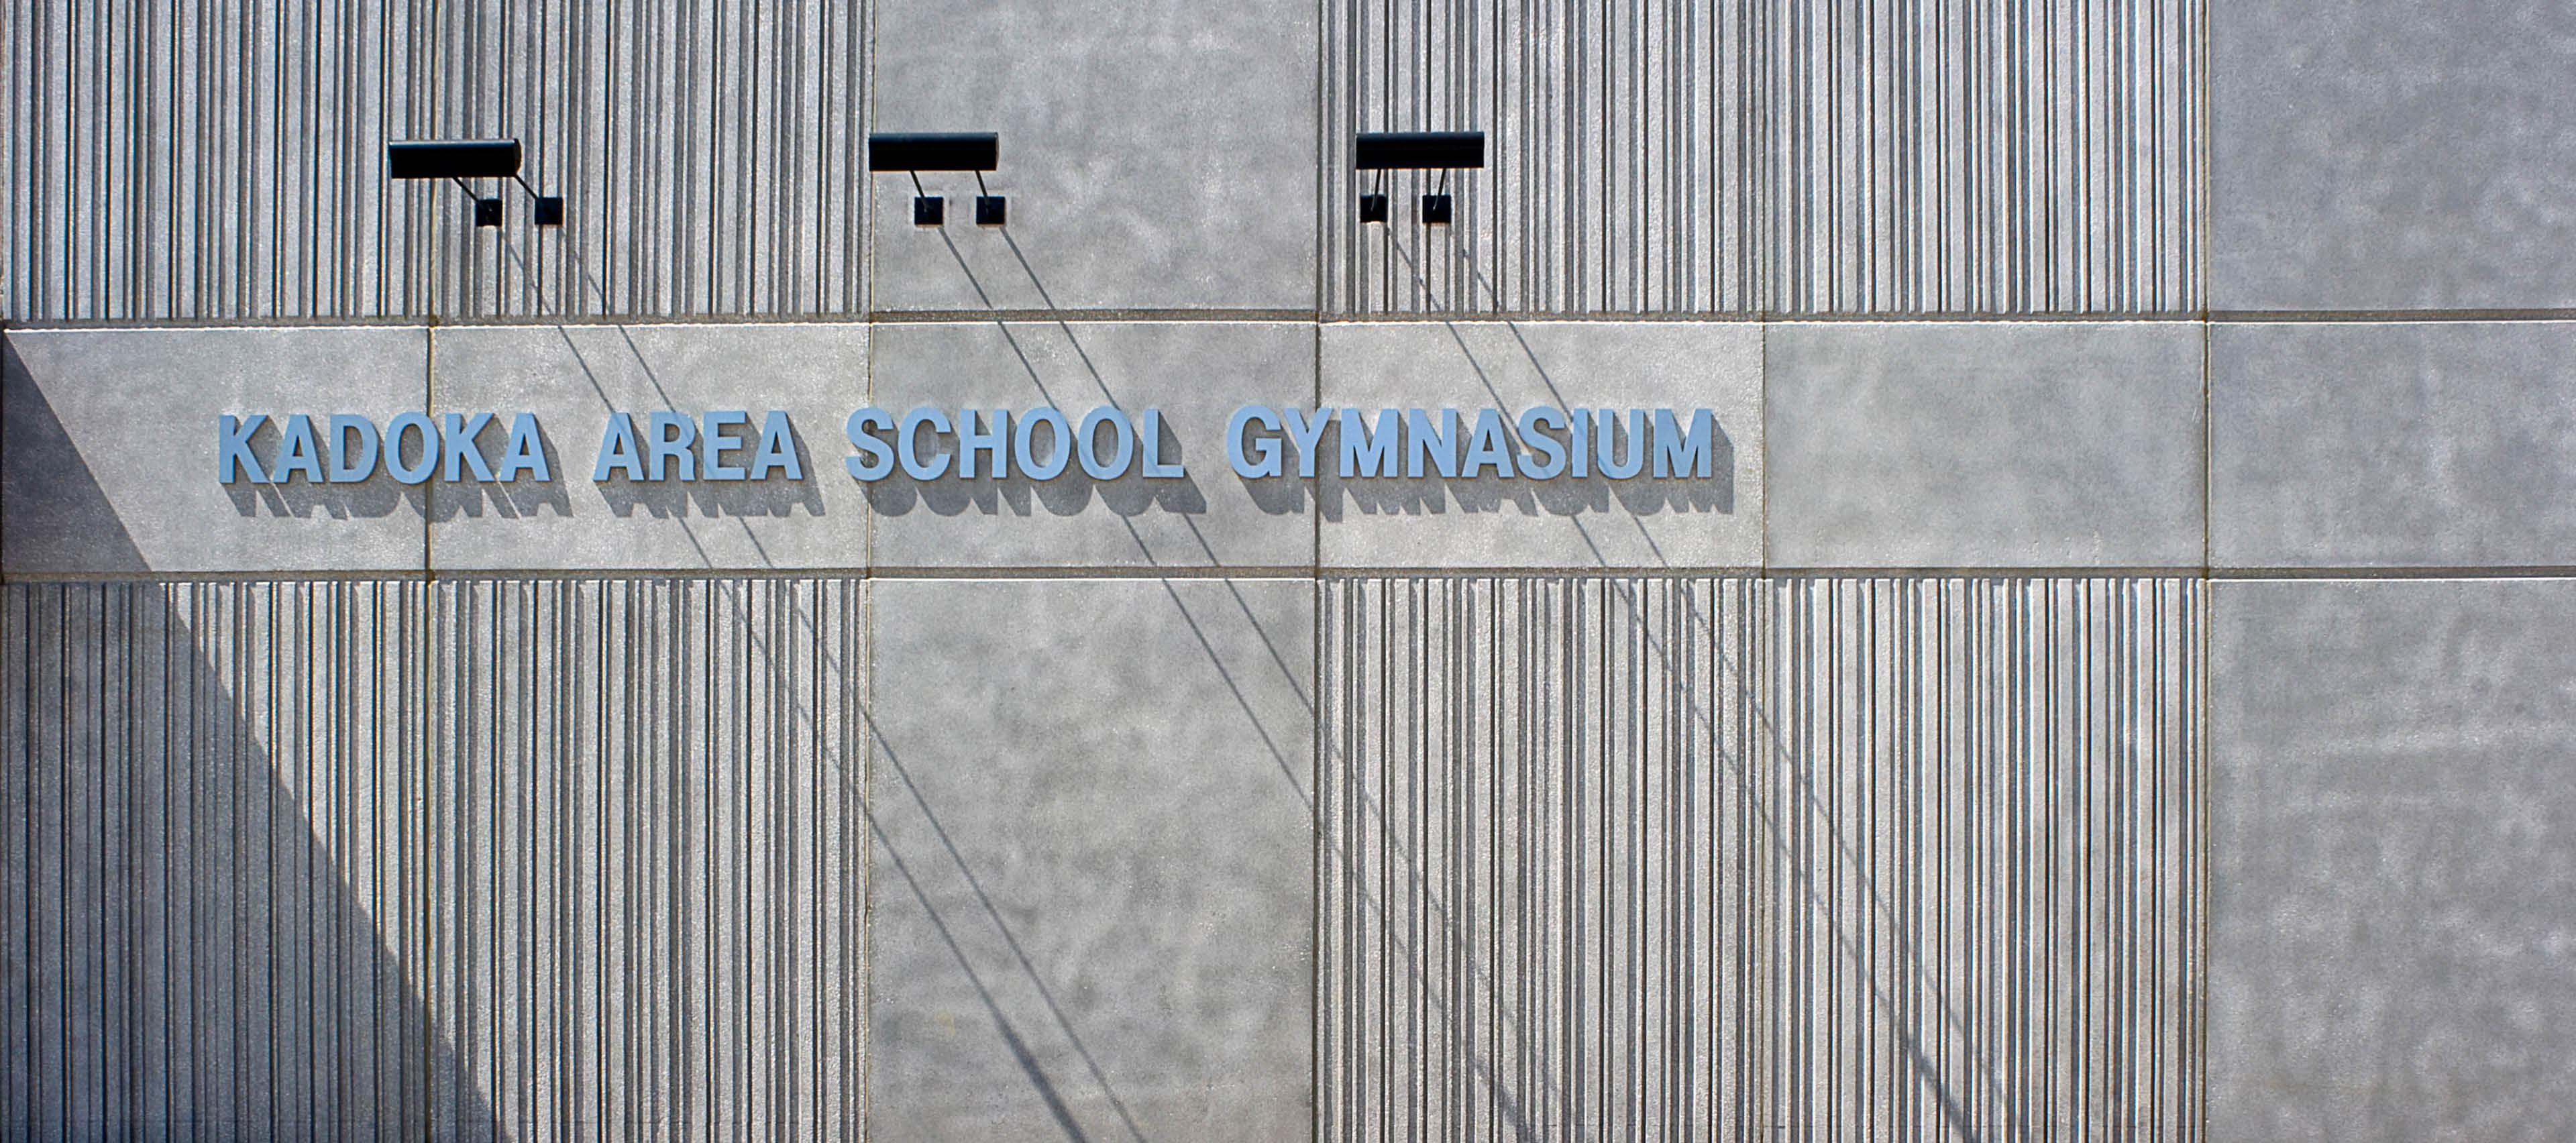 Kadoka High School Gymnasium